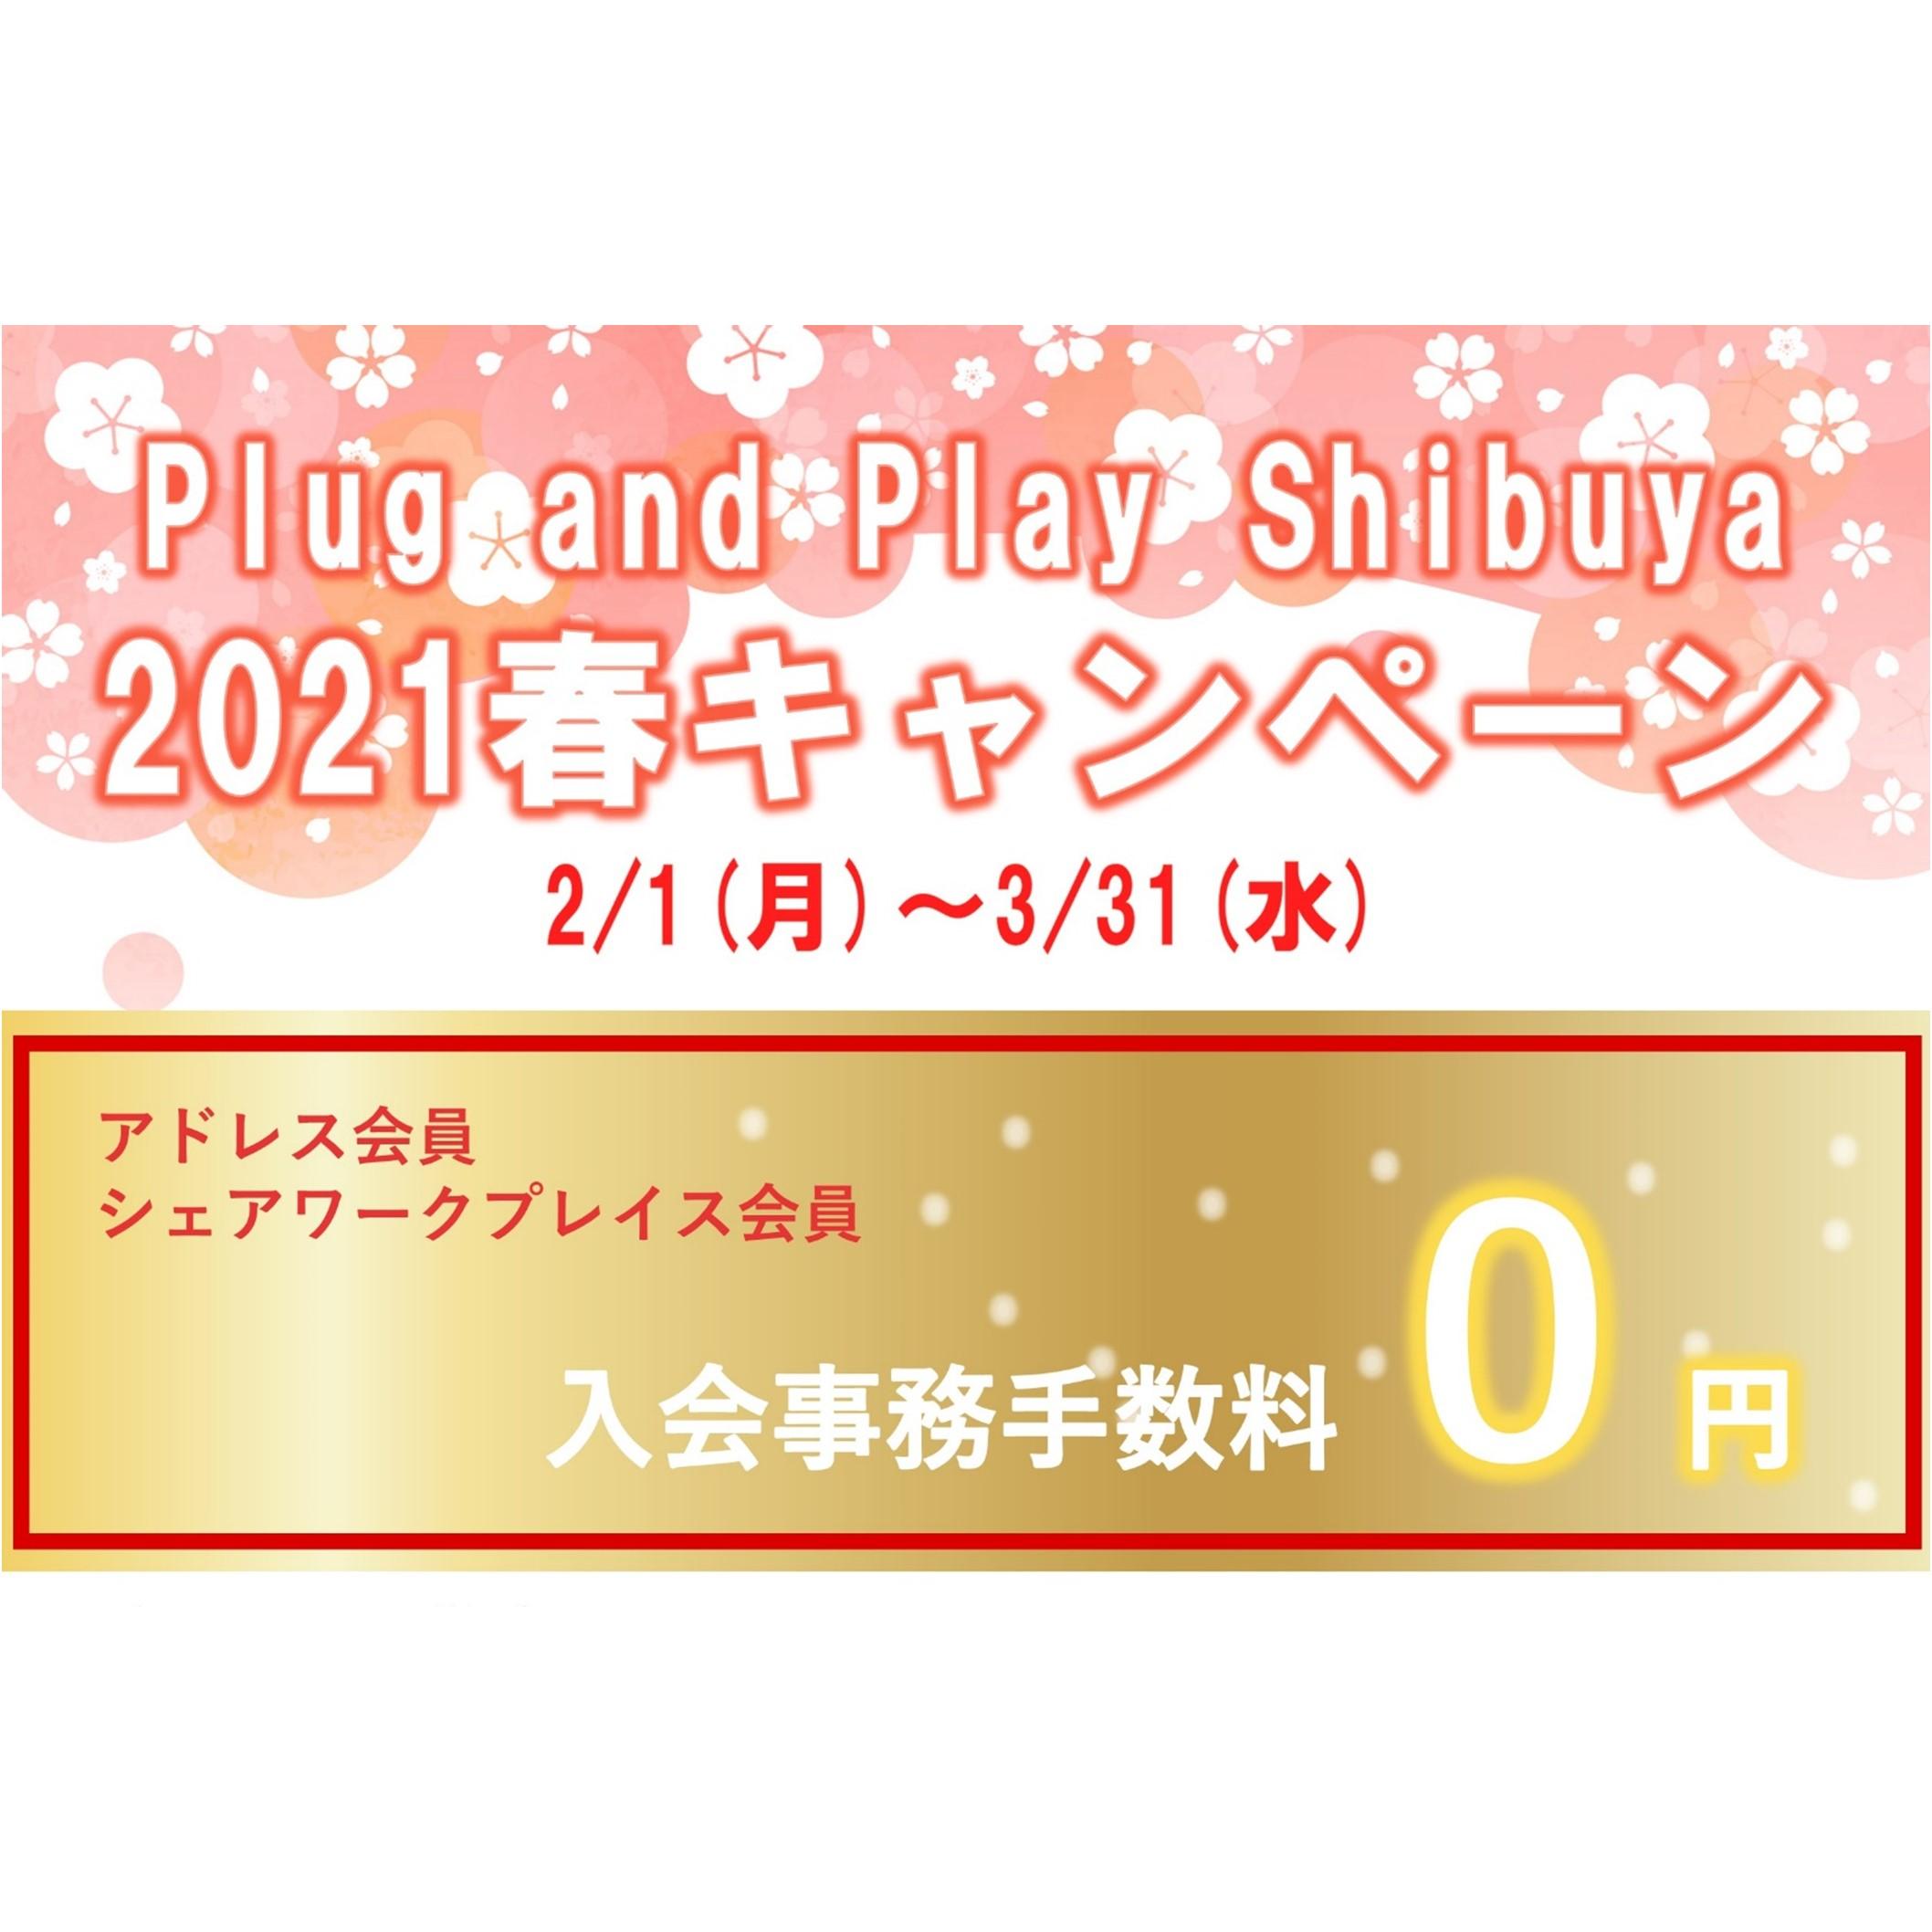 <Plug and Play Shibuya 2021春キャンペーン>